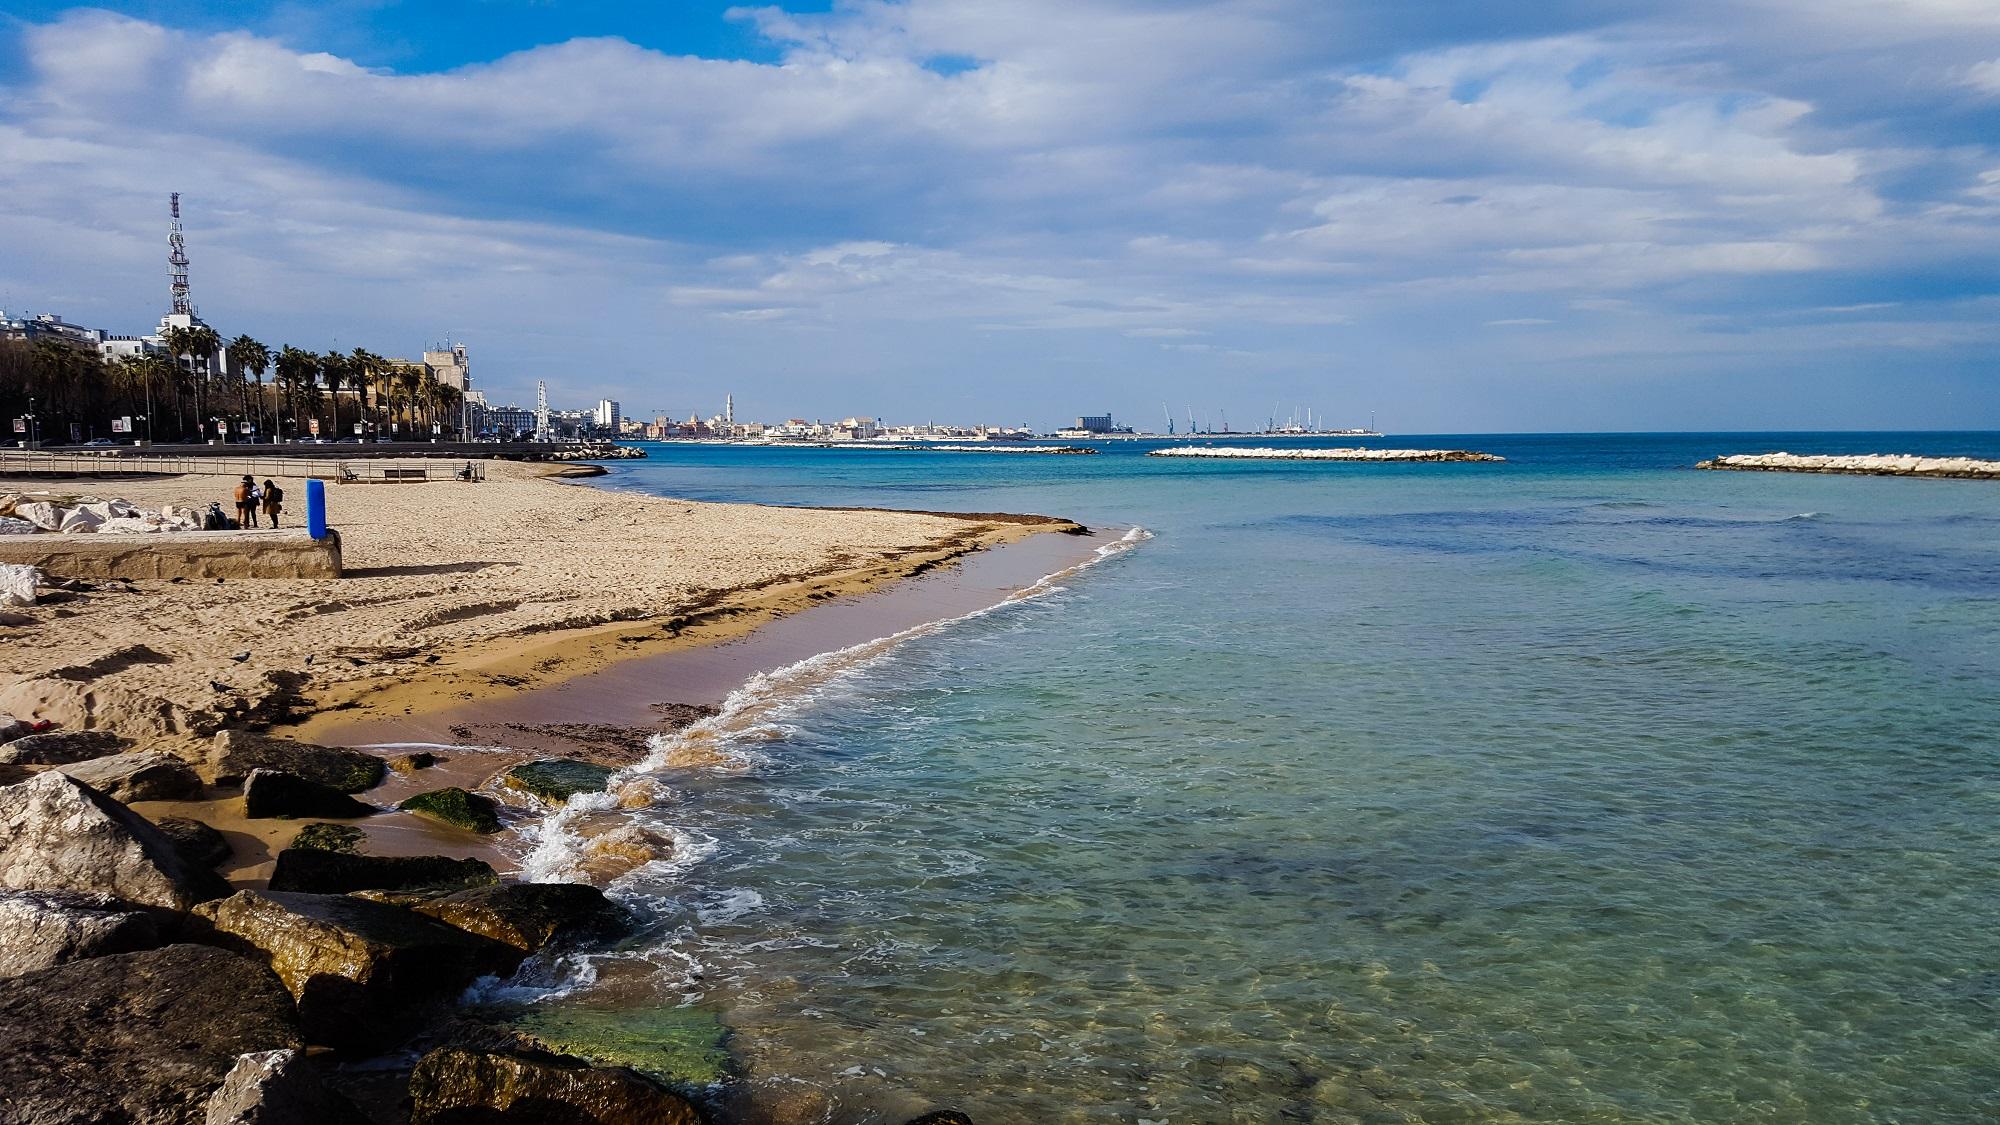 Apulien Karte Strände.Bari Tipps Bella Italia Ruft Urlaubsguru